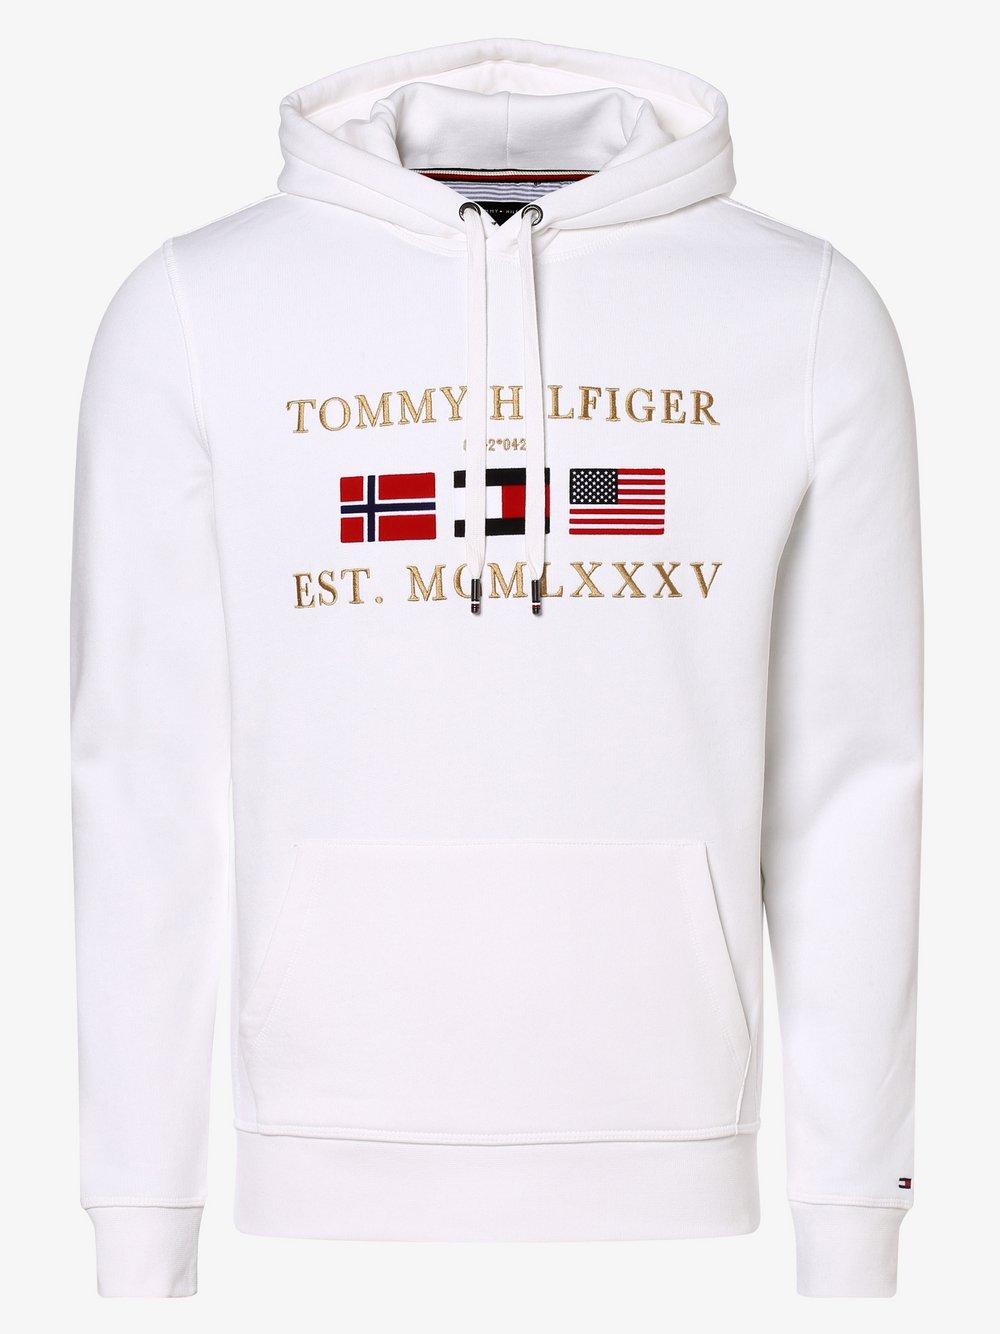 Tommy Hilfiger - Męska bluza nierozpinana, biały